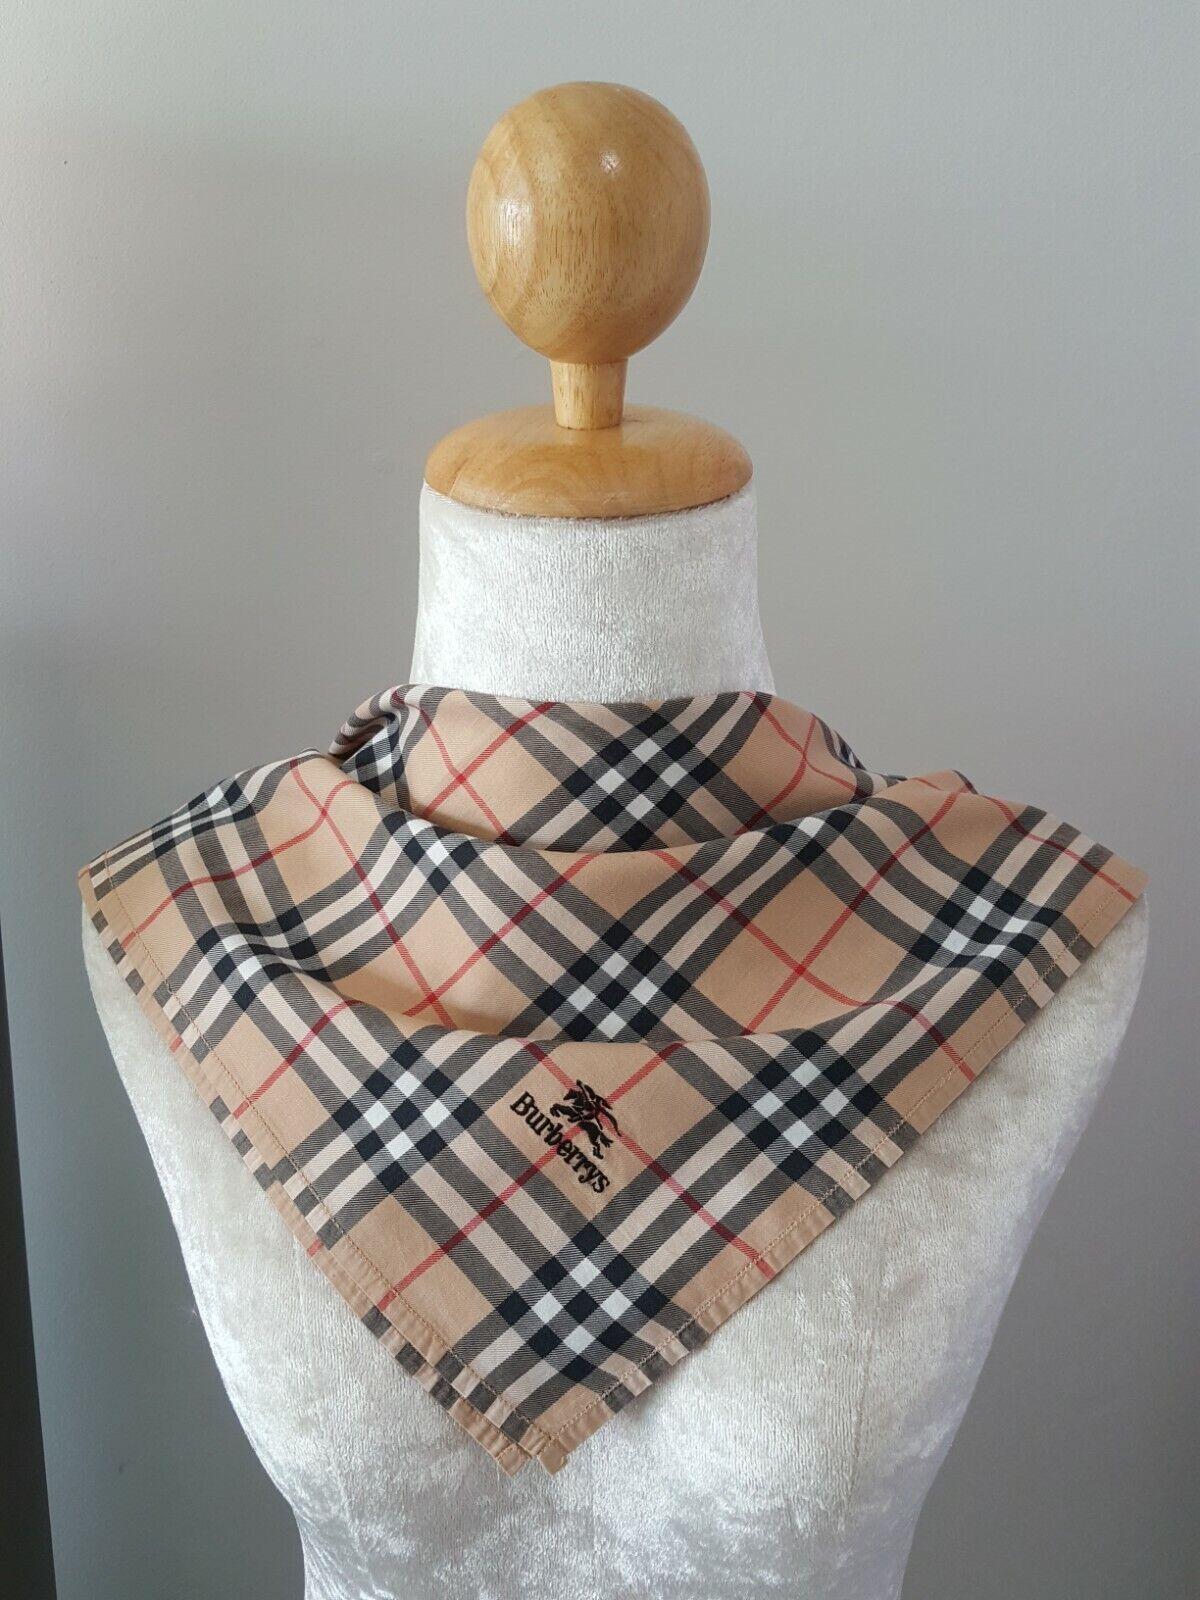 BurberryUnisex Beige Signature Plaid Checks Cotton Square Handkerchief 18